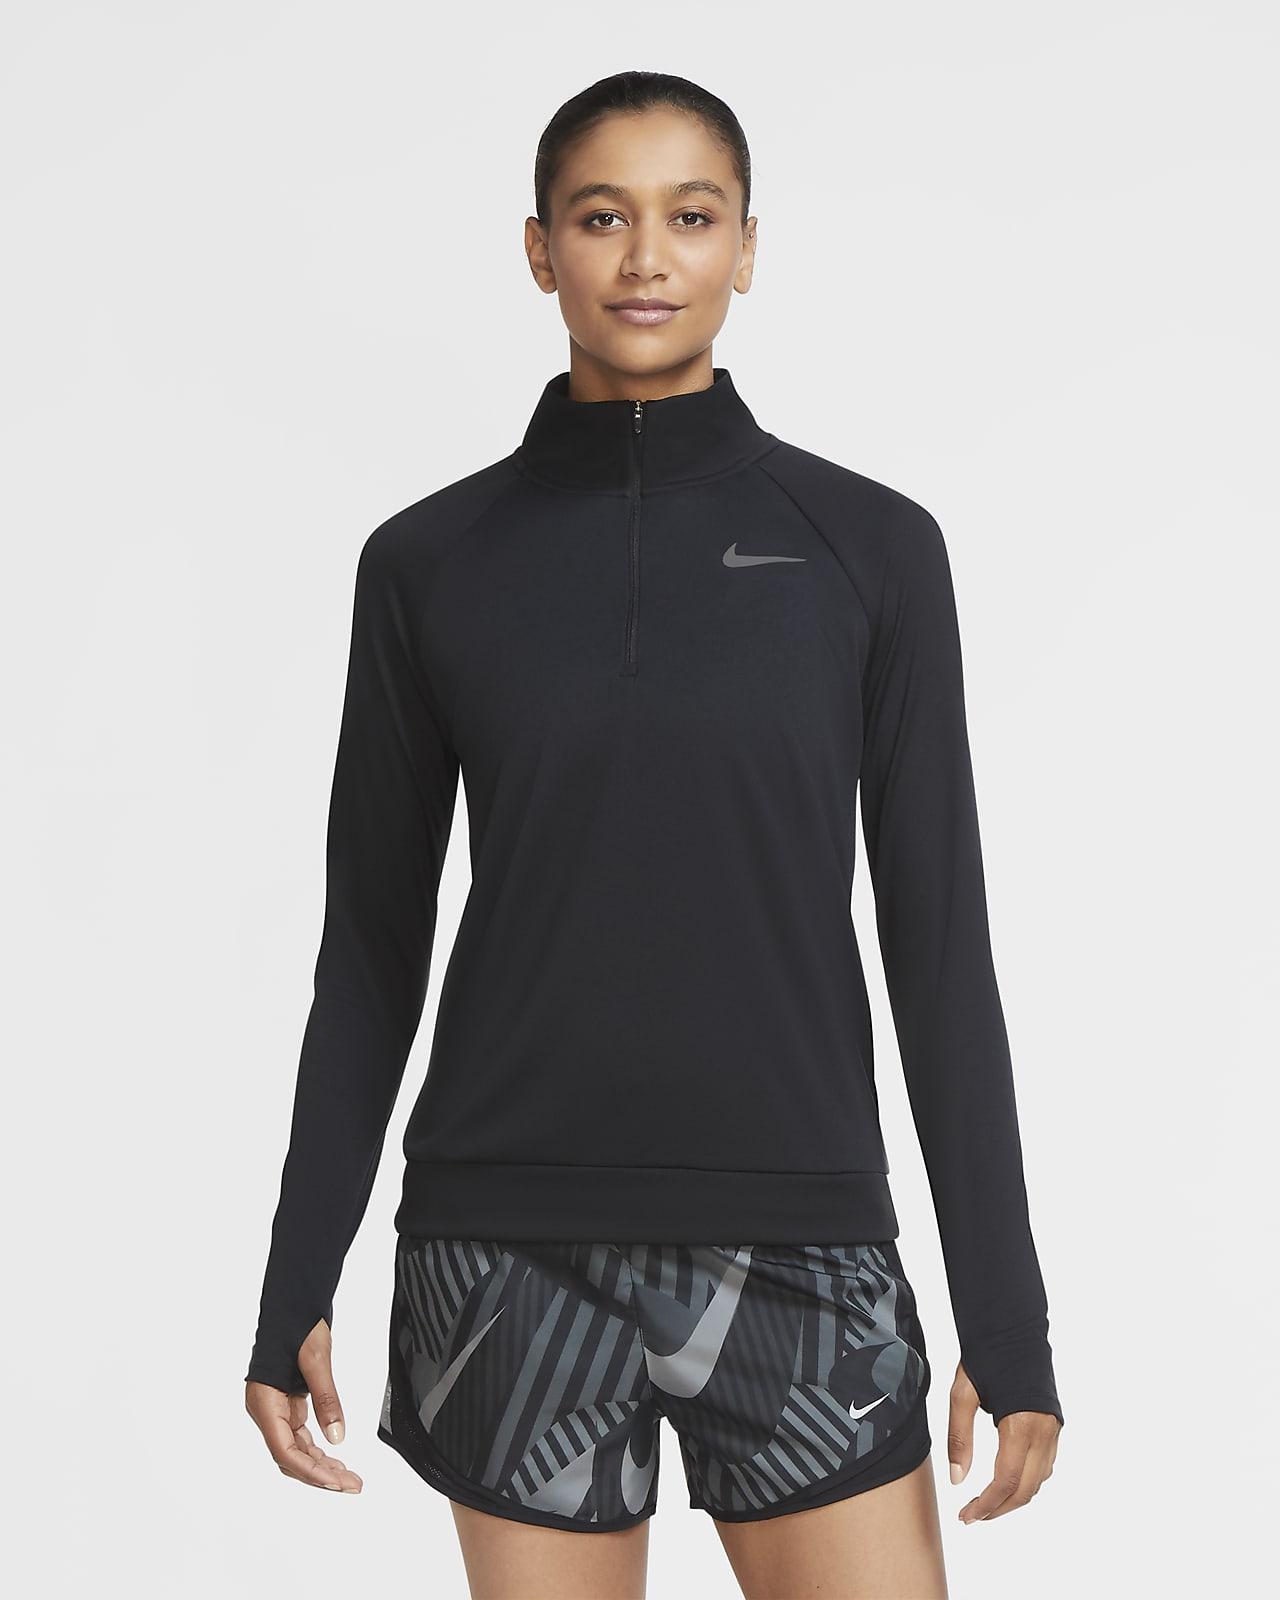 Nike Pacer Women's 1/4-Zip Running Top